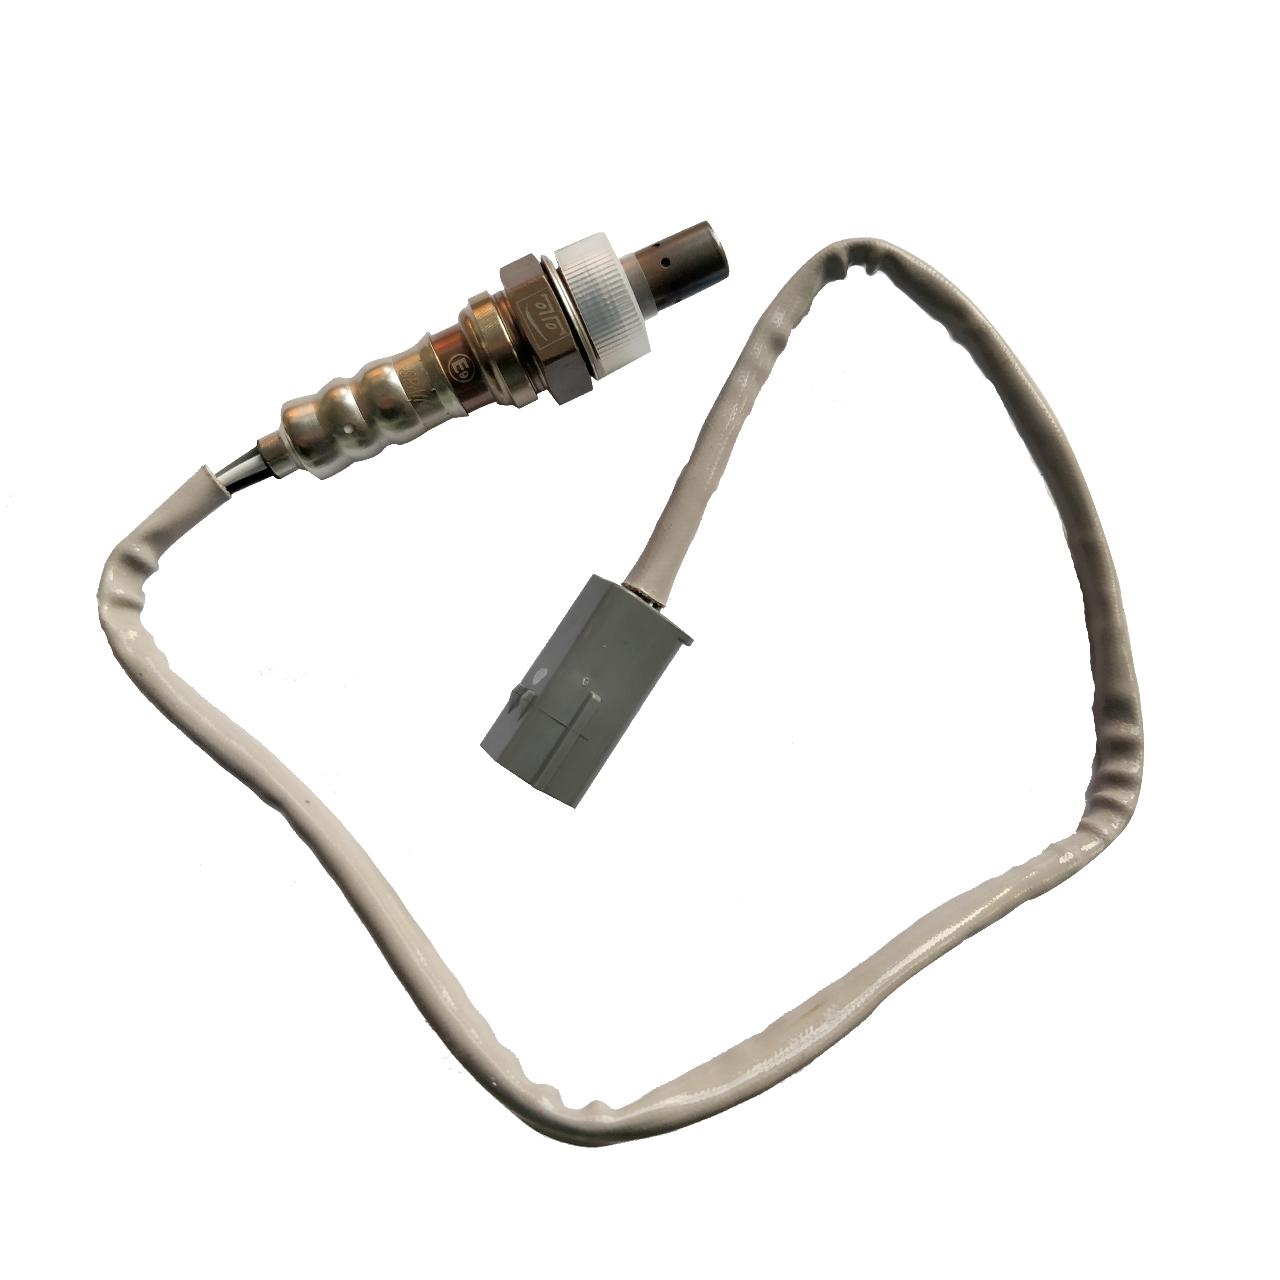 حسگر اکسیژن اتو داینو مدل DE S590652107 مناسب برای پراید و تیبا